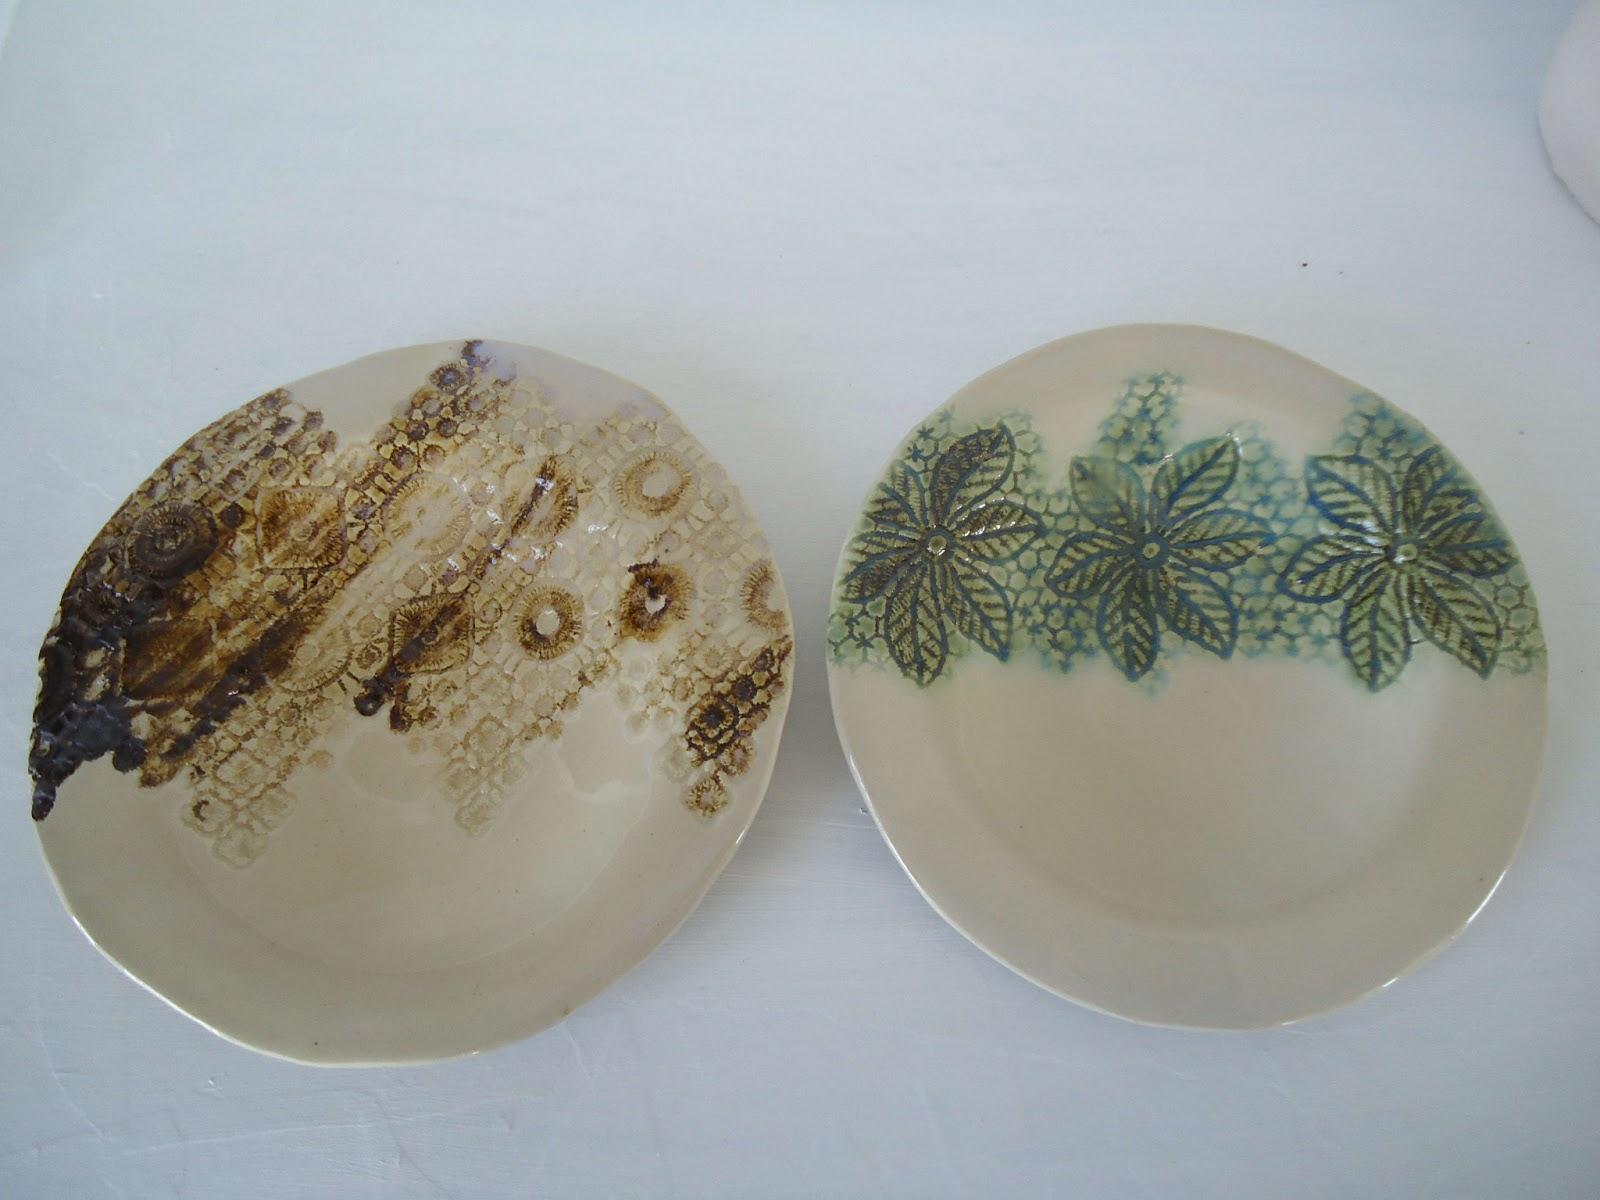 Taller de cer mica ec for Oxidos para ceramica